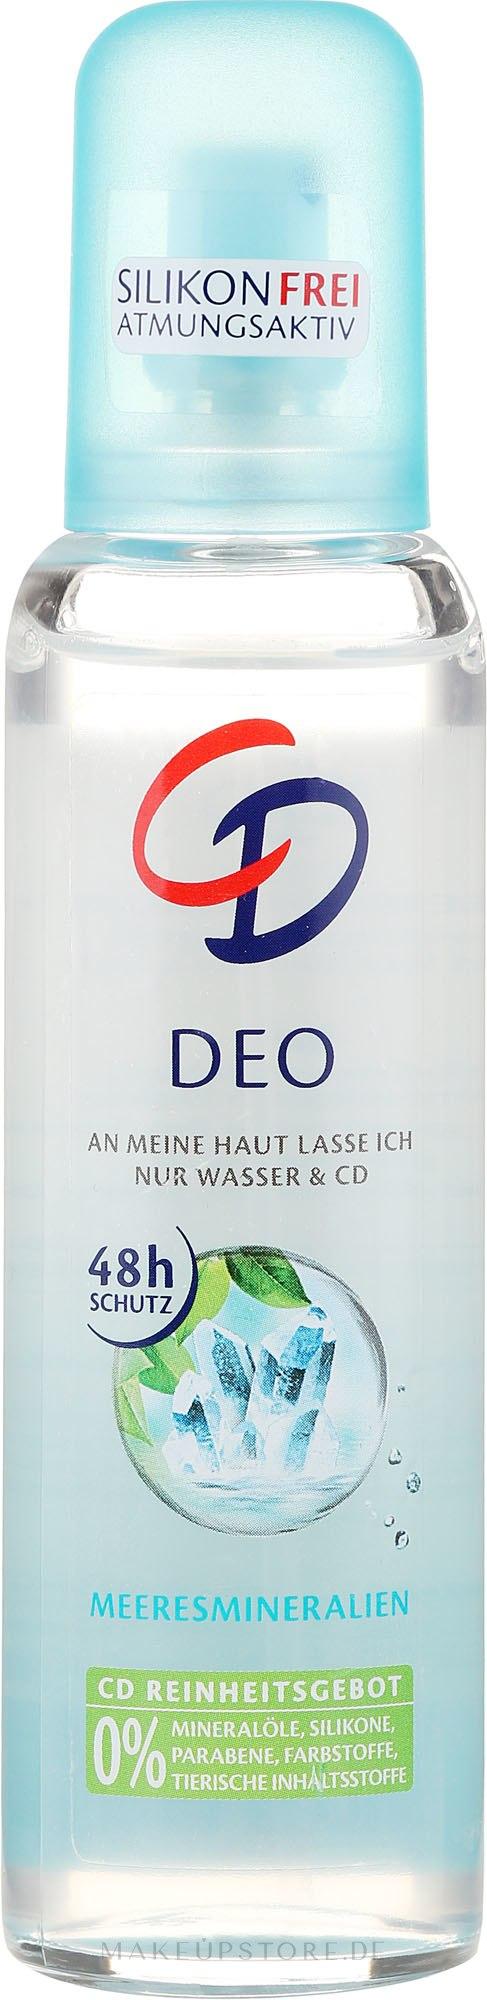 Körperspray Meeresmineralien - CD Deo — Bild 75 ml